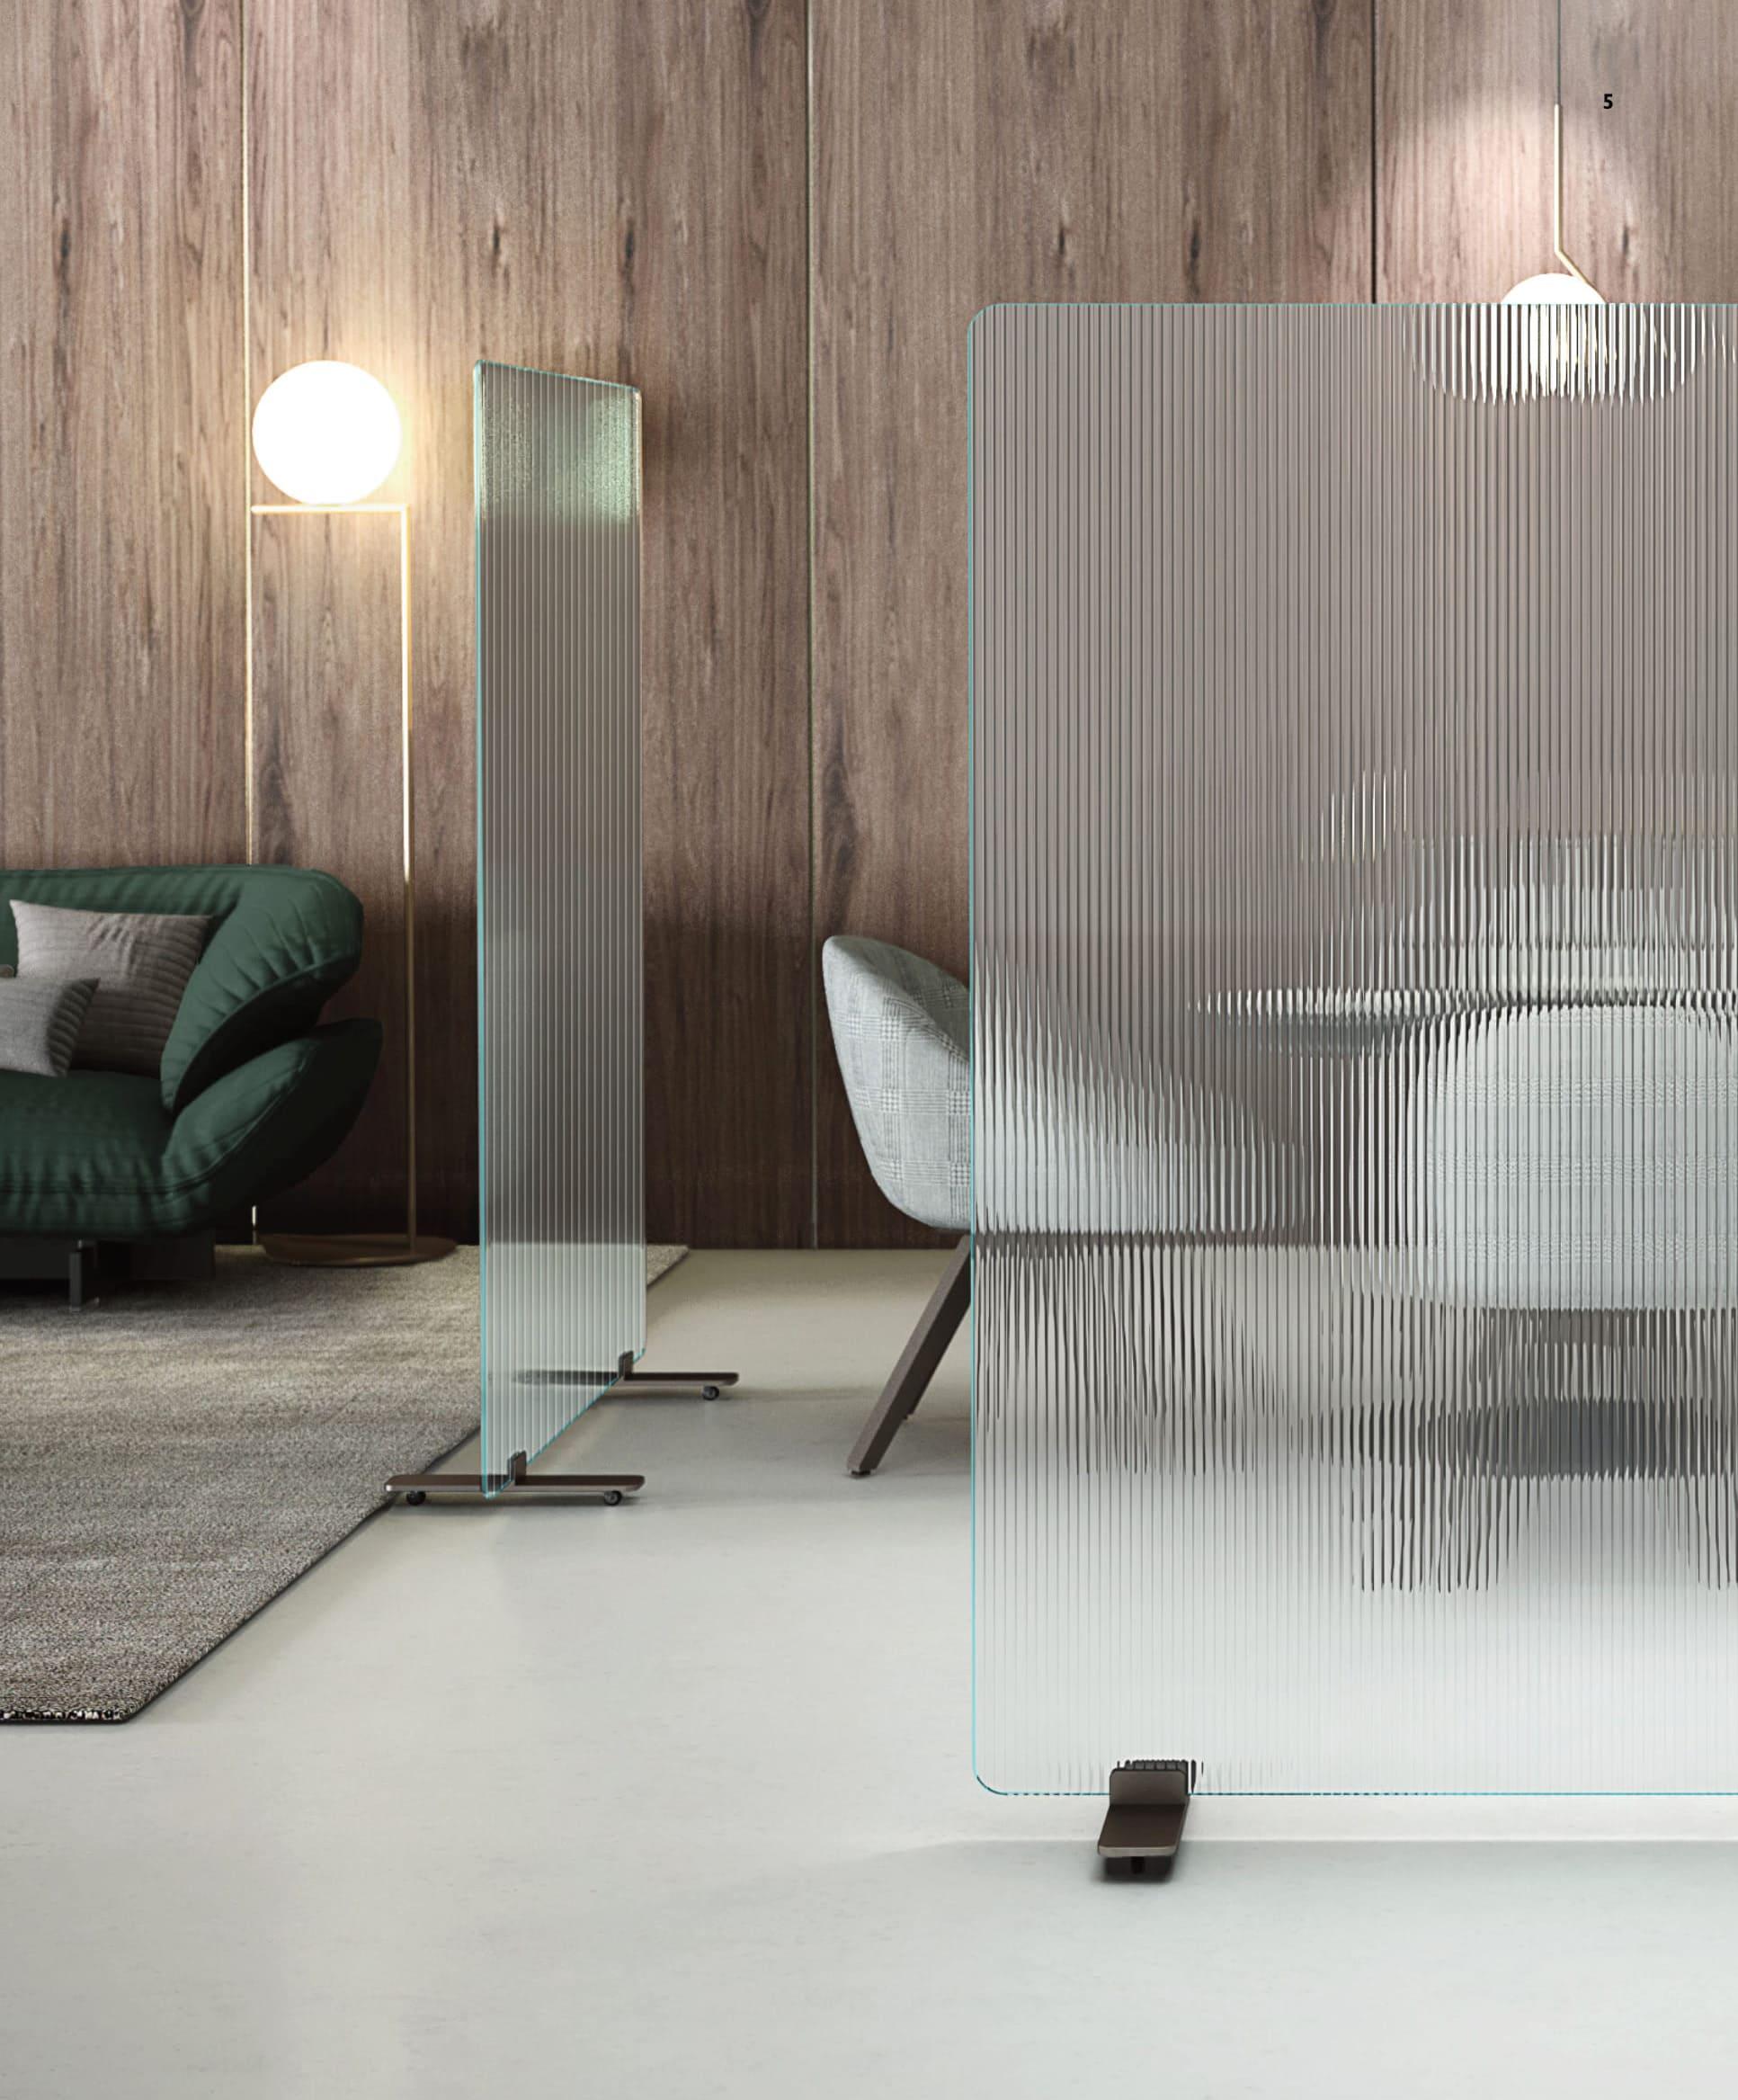 Mobile Glaswand für Besprechungszimmer aus Glas Raumtrenner